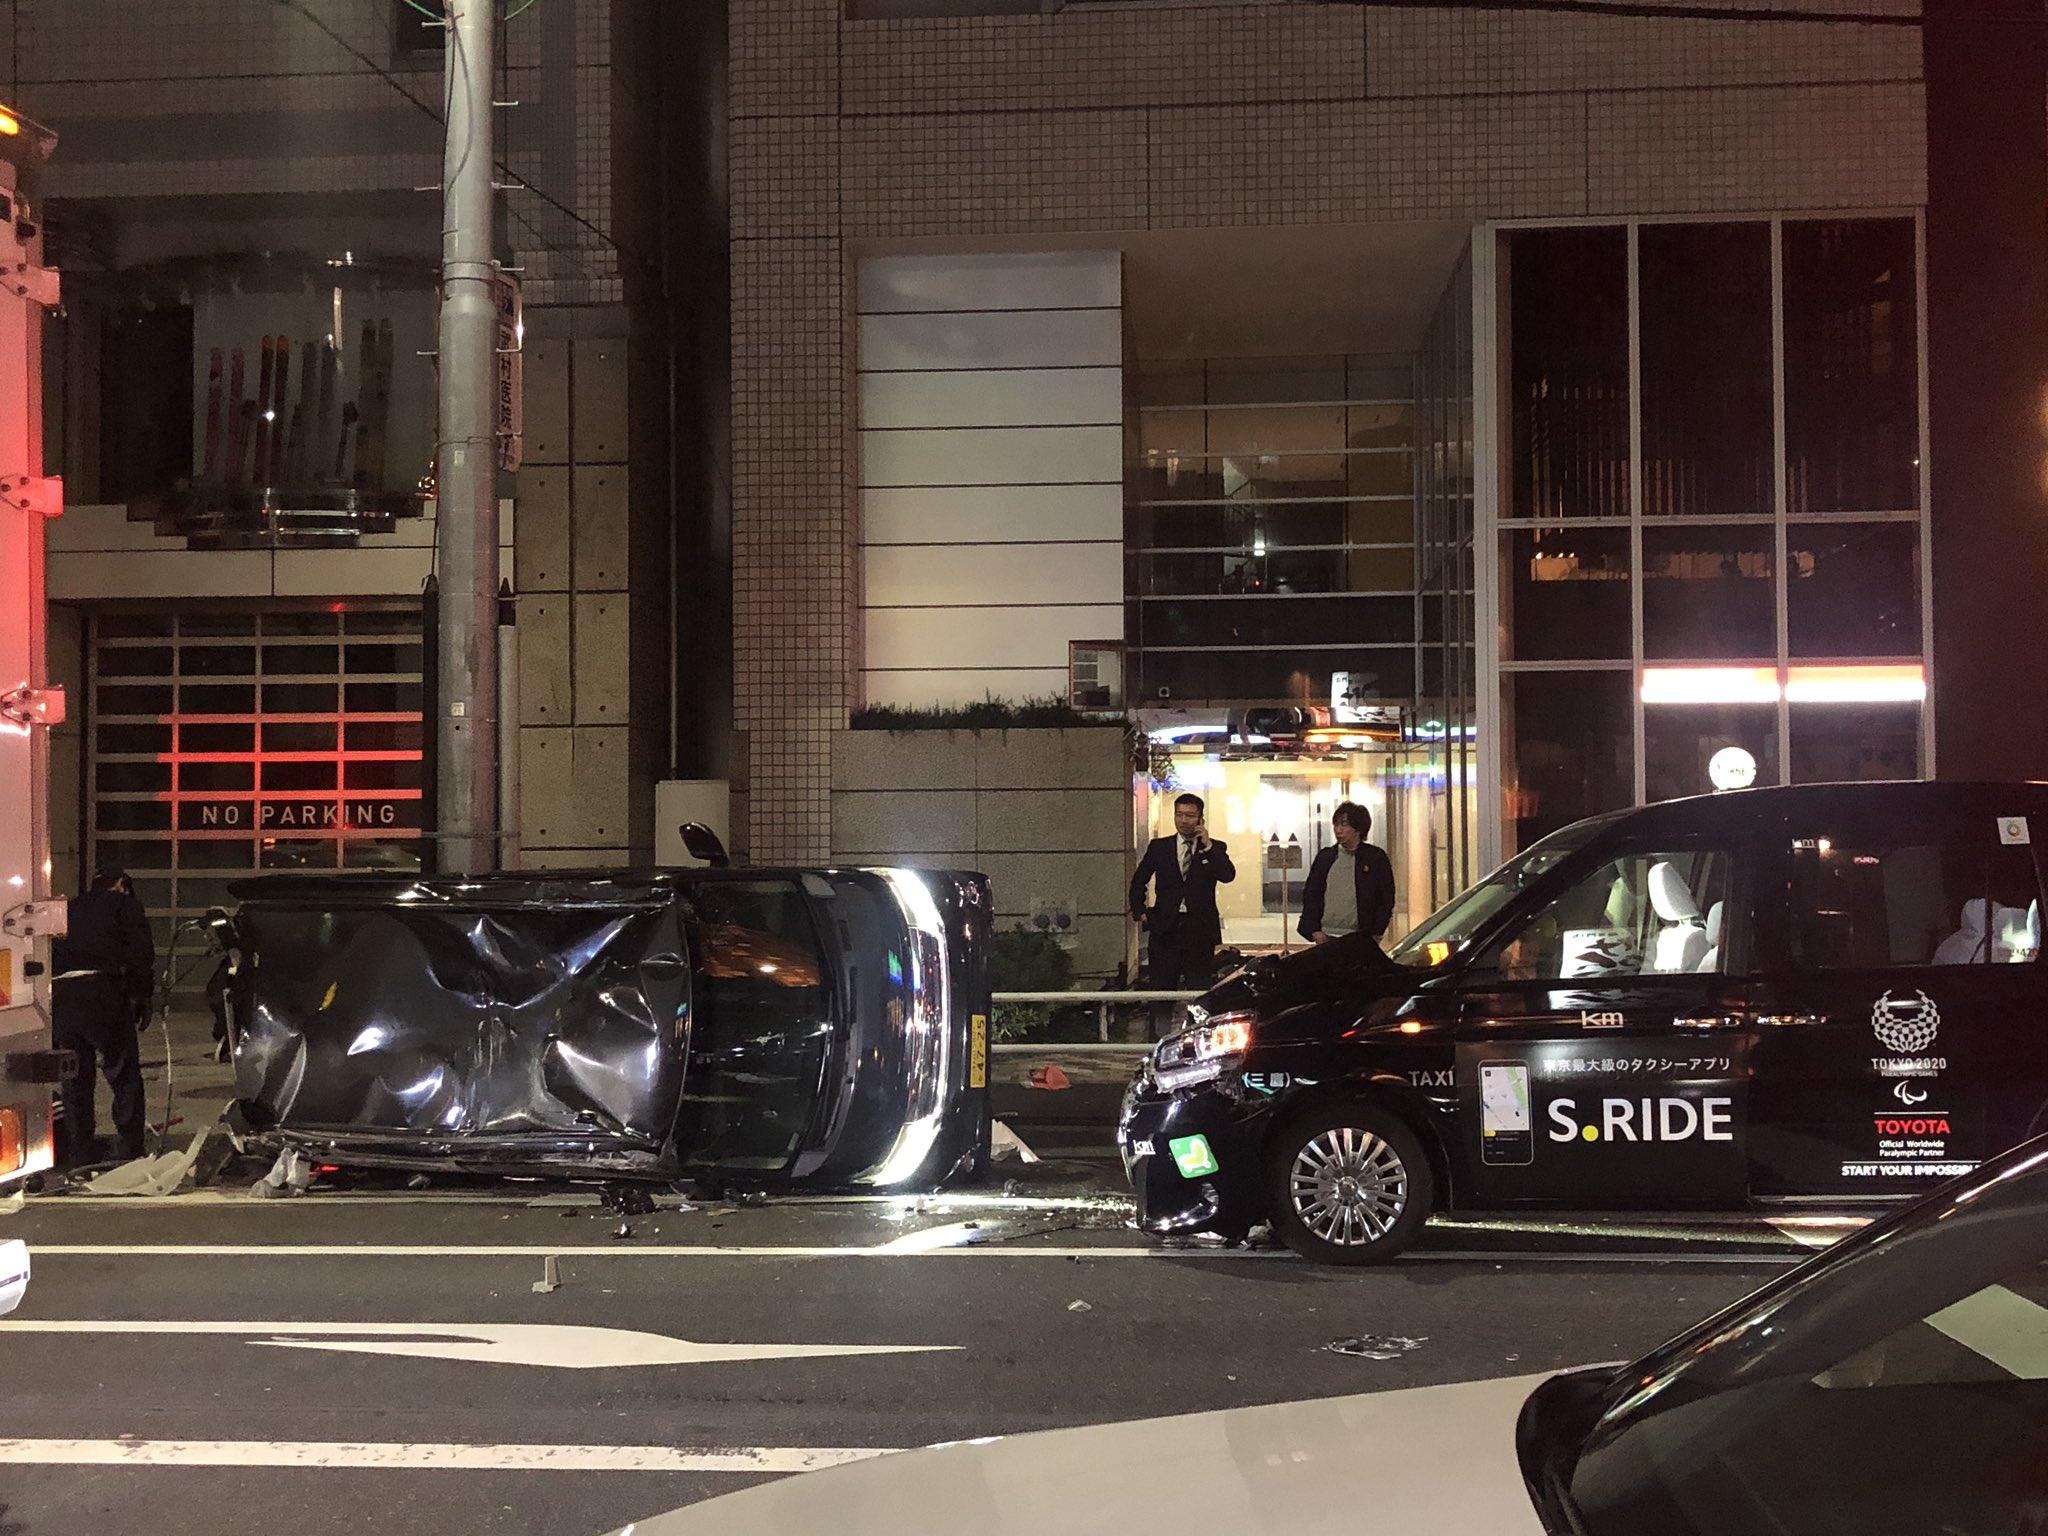 画像,青山で事故だ https://t.co/rX1dwWzbs2。